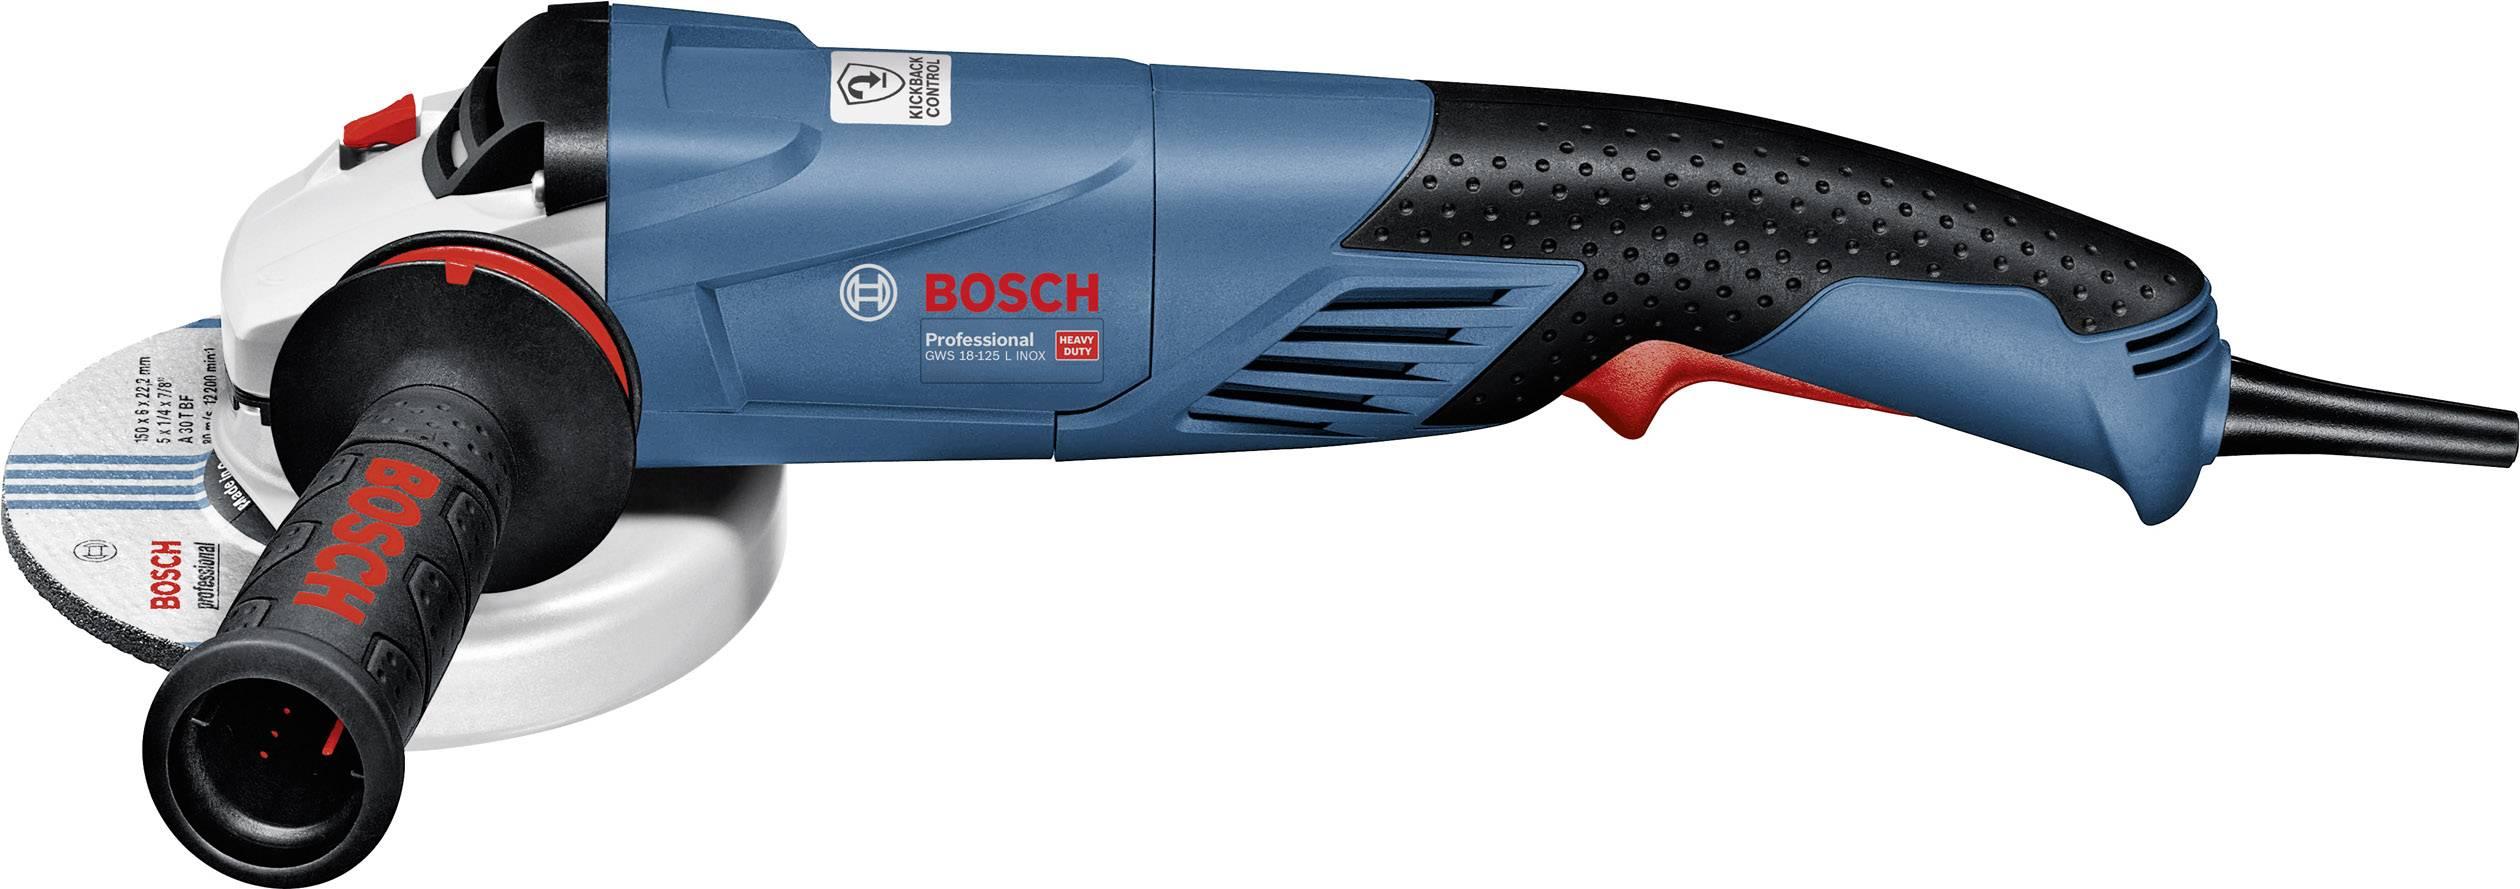 Kết quả hình ảnh cho Bosch GWS18-125L